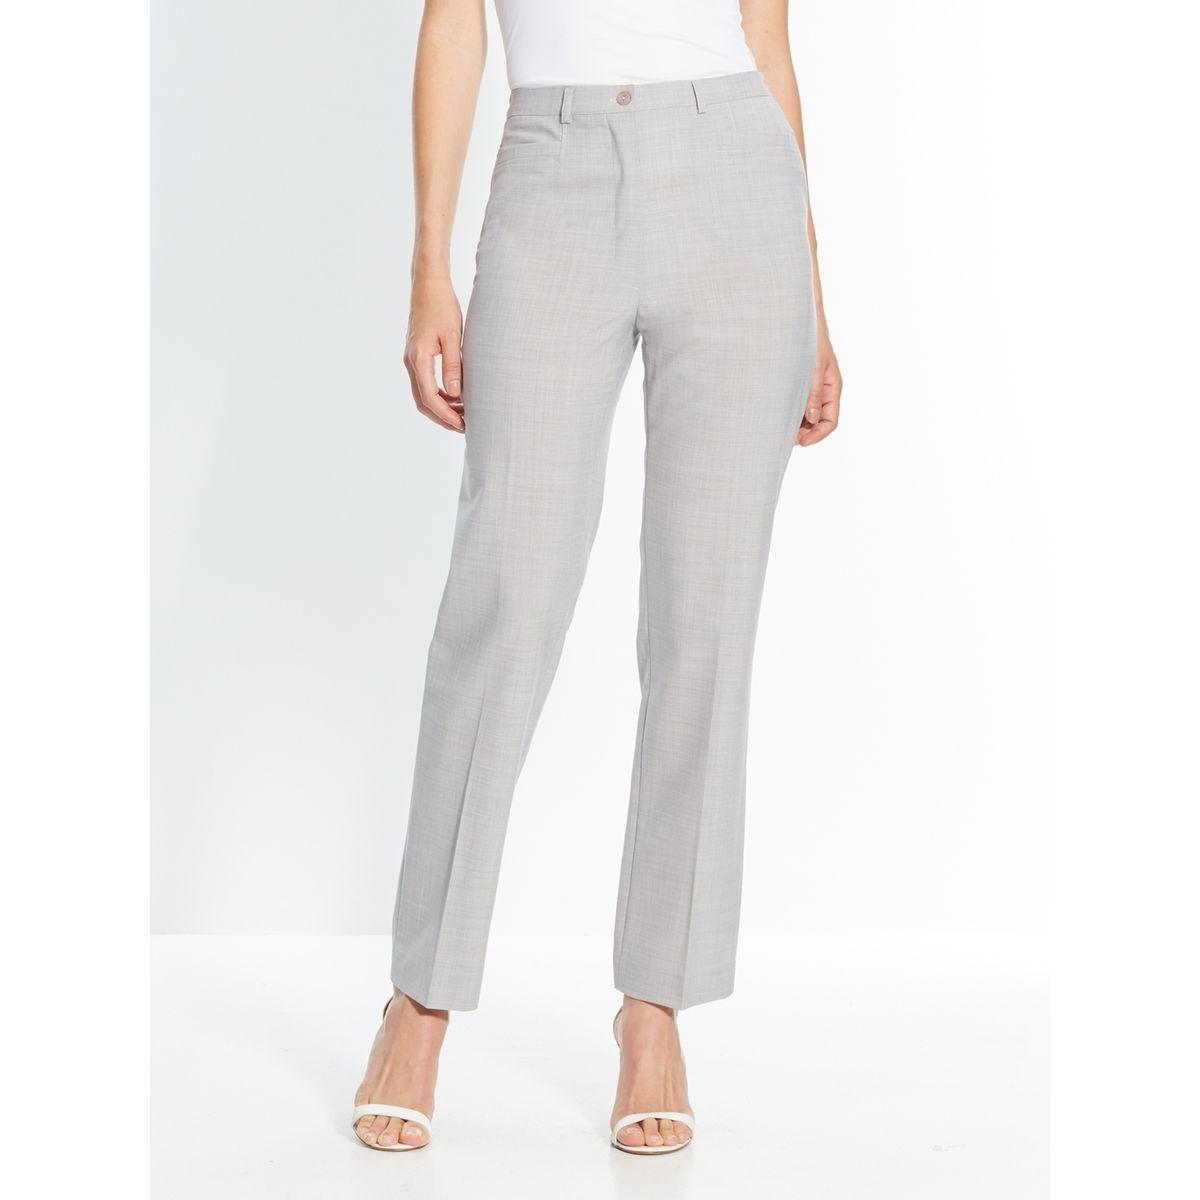 Pantalon 43% laine, vous mesurez plus 1,60m